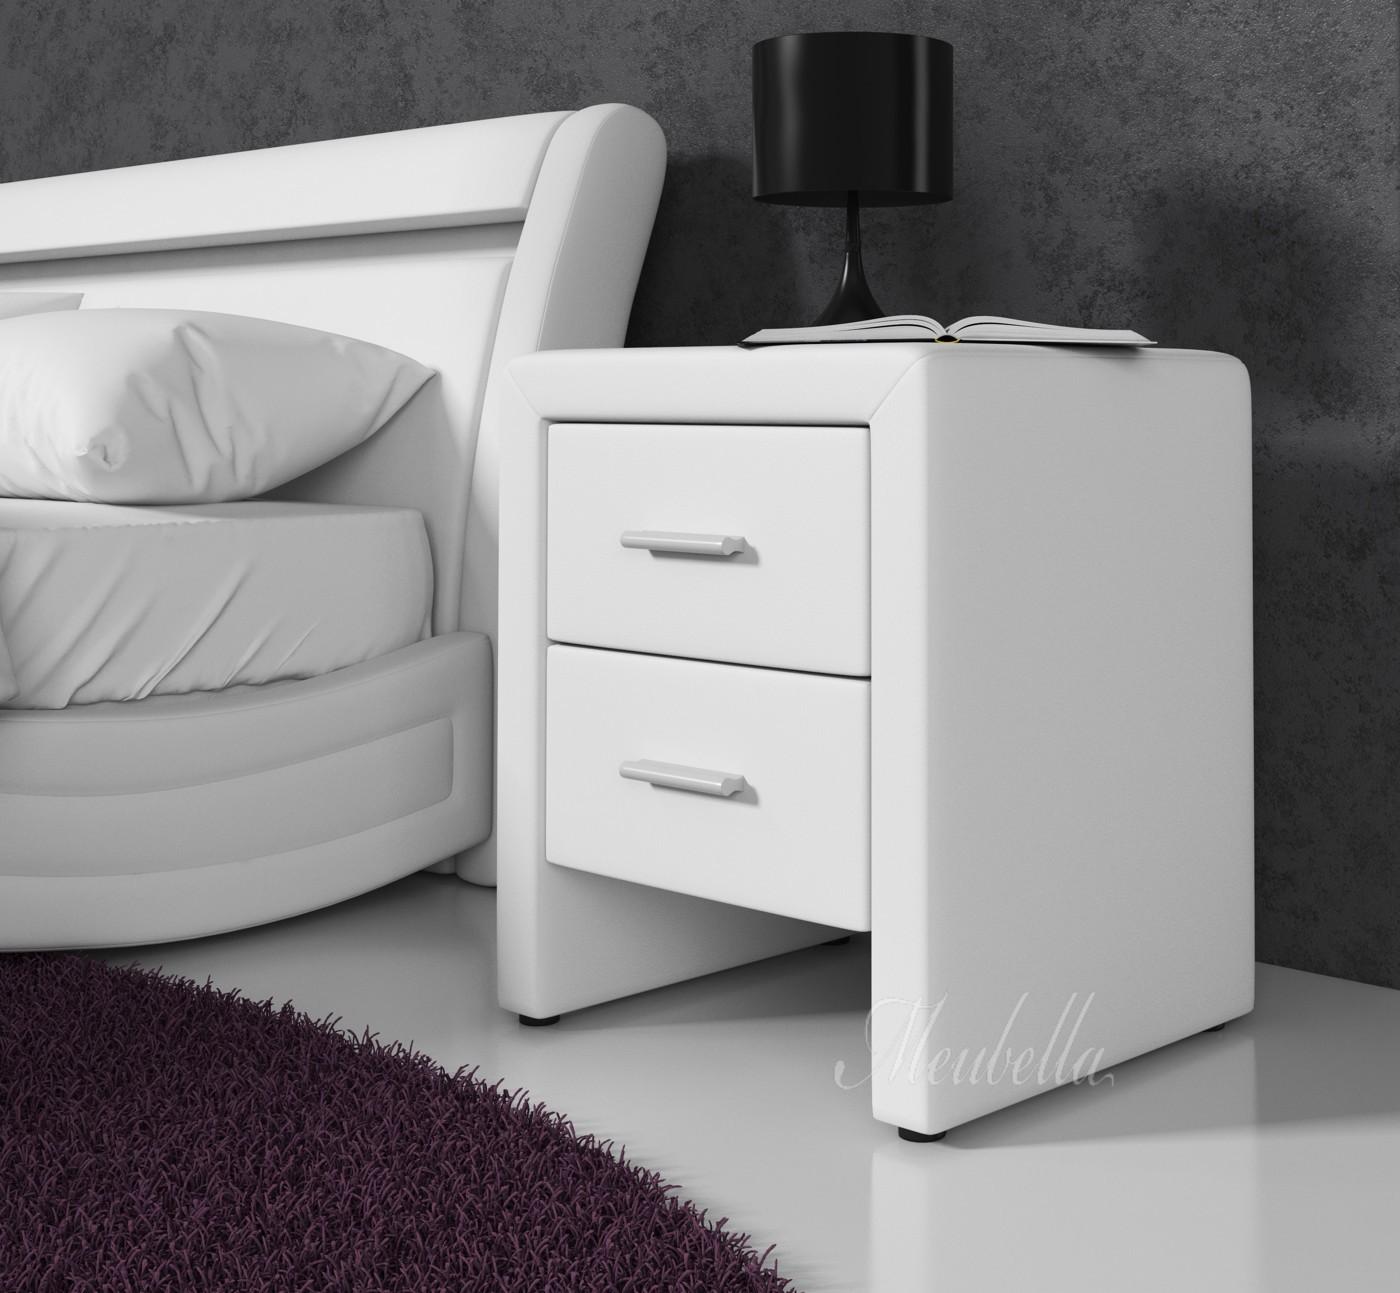 Nachtkastje Tower   Wit   Set van 2   Meubella